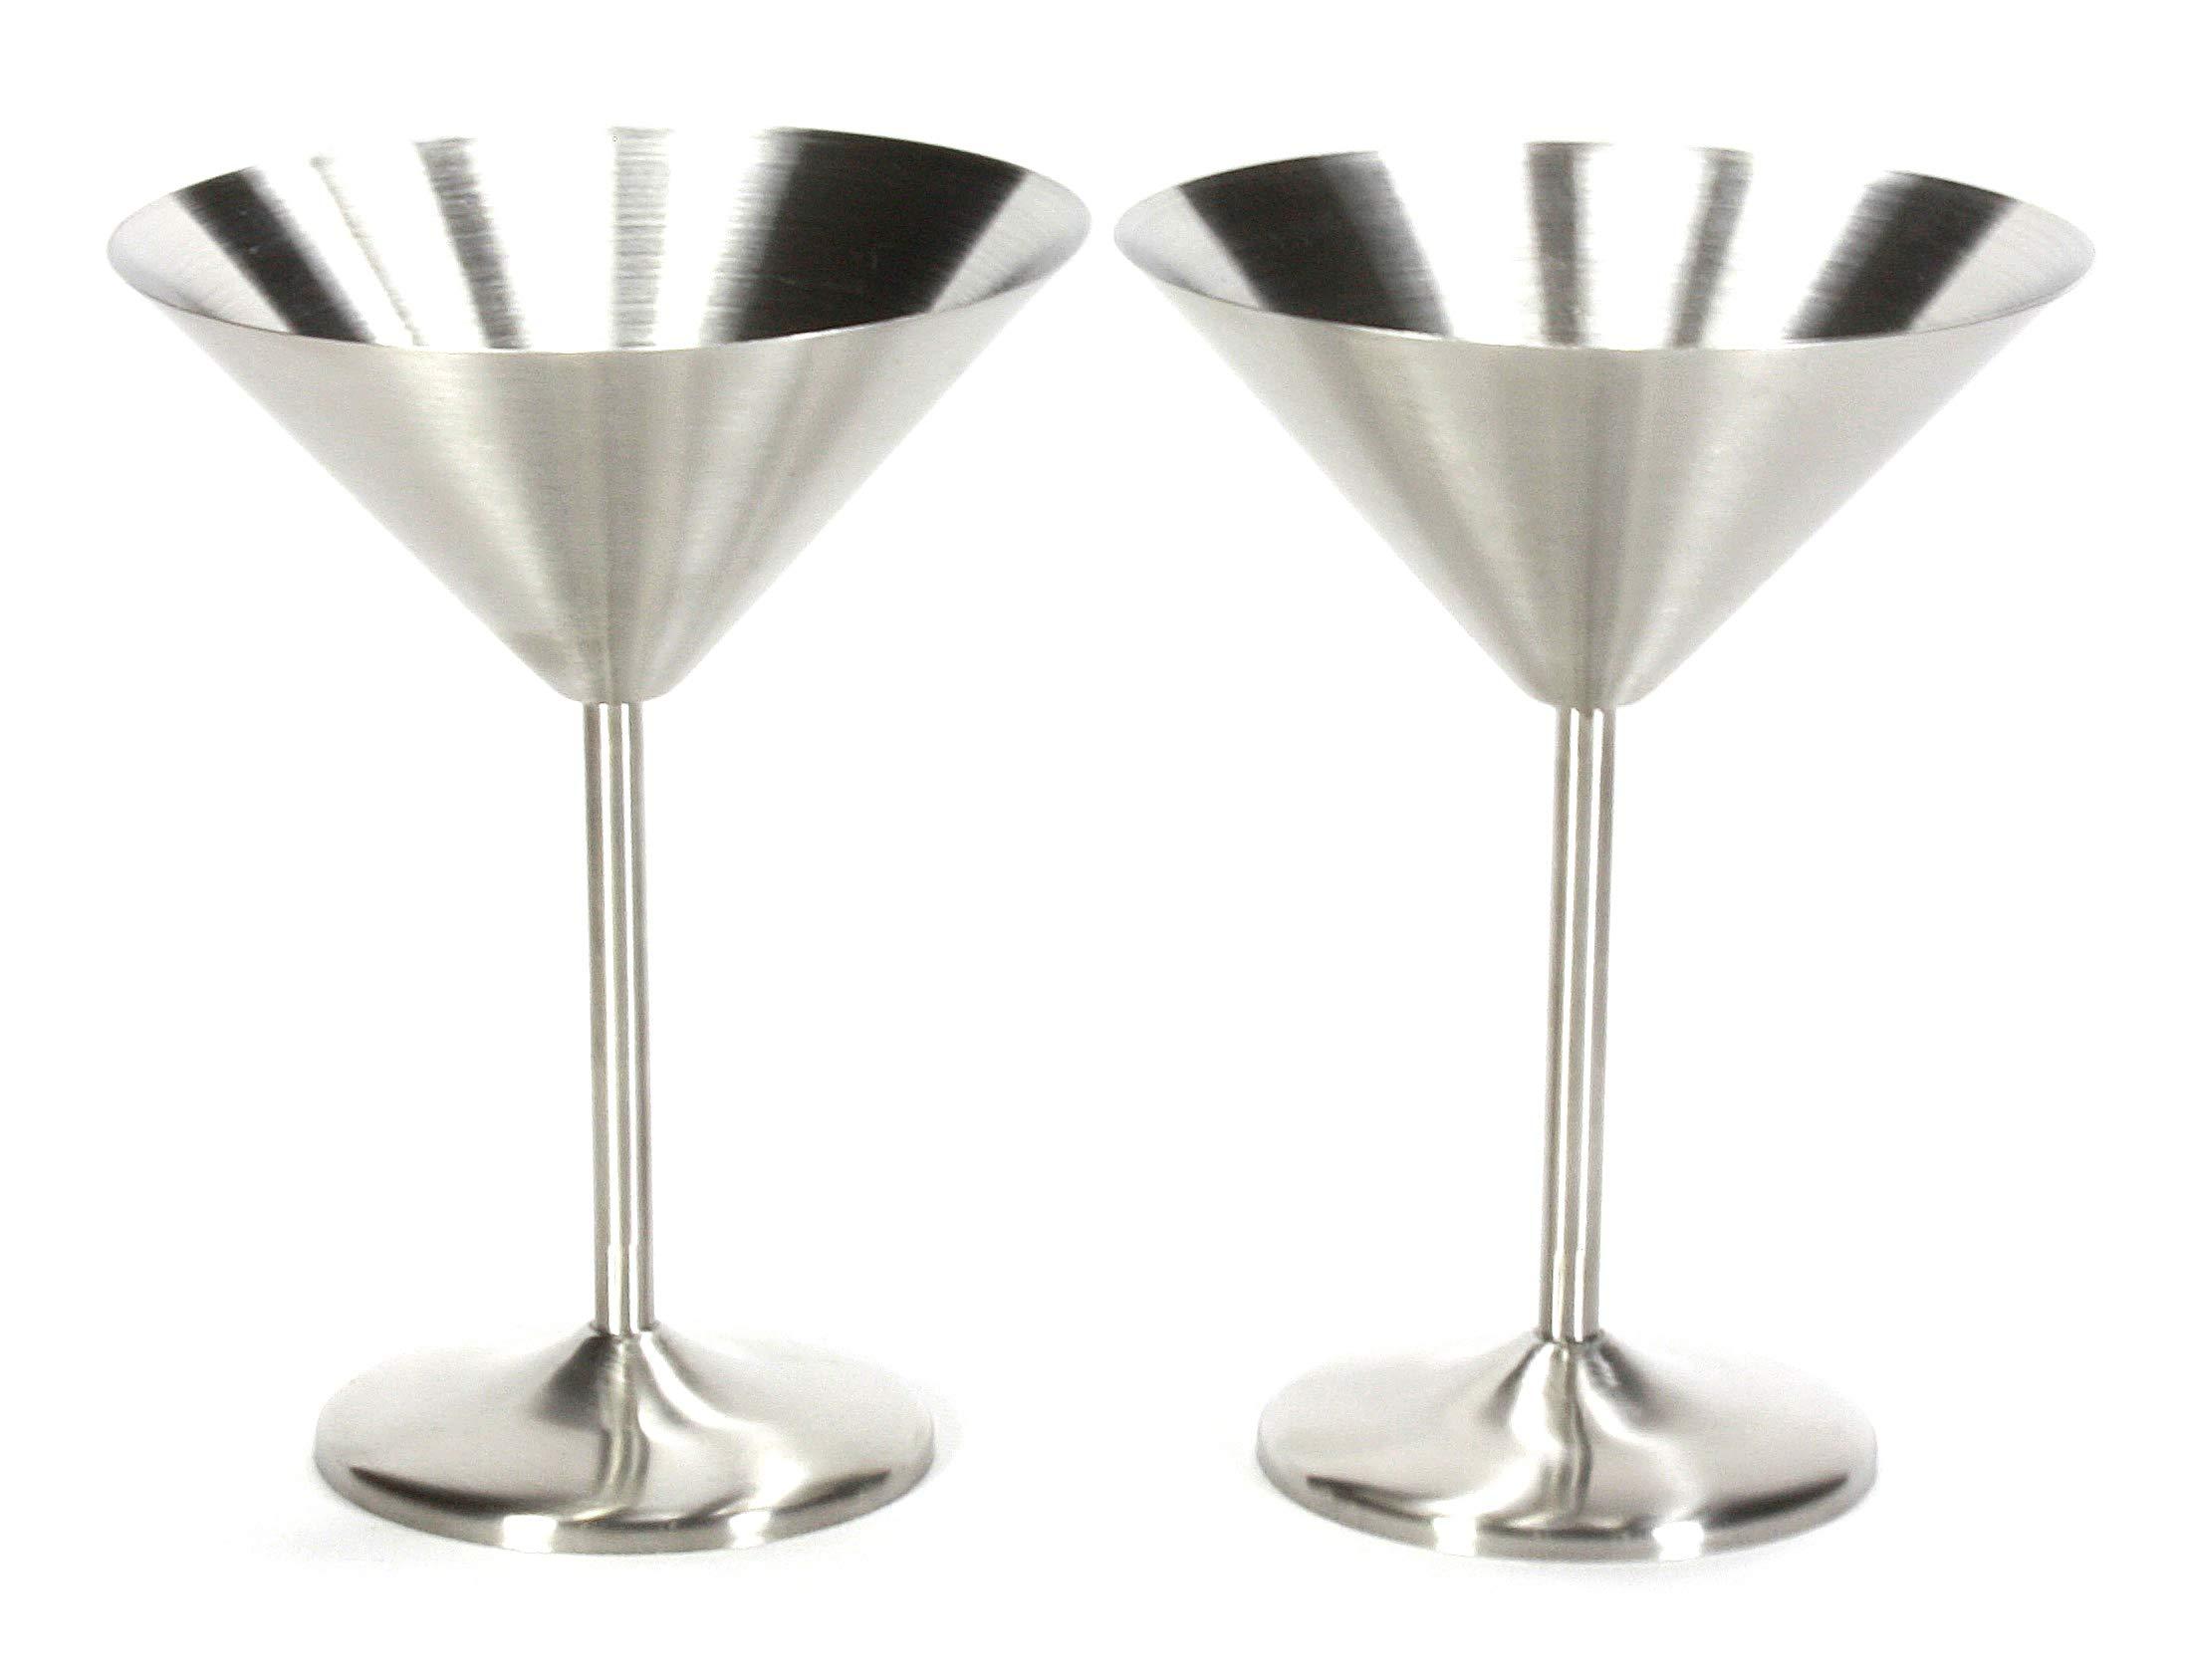 Trendiware Stemmed Martini Cocktail Glasses 7 oz. (Stainless Steel, 2)